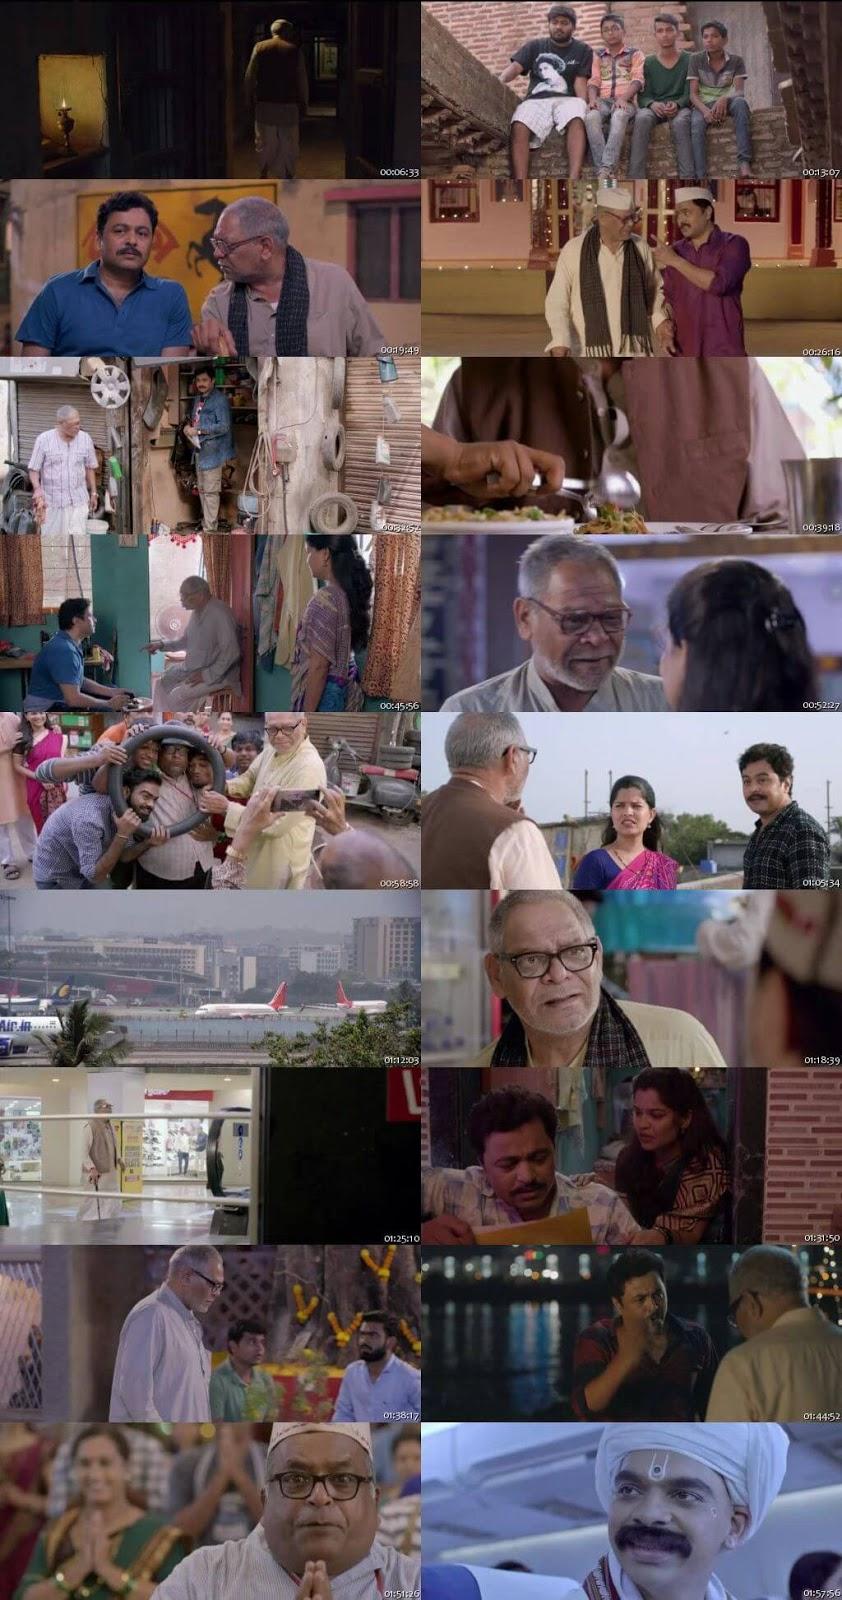 pushpak viman movie download free, pushpak viman movie download 720p, pushpak viman movie download 300mb, pushpak viman 480p movie download